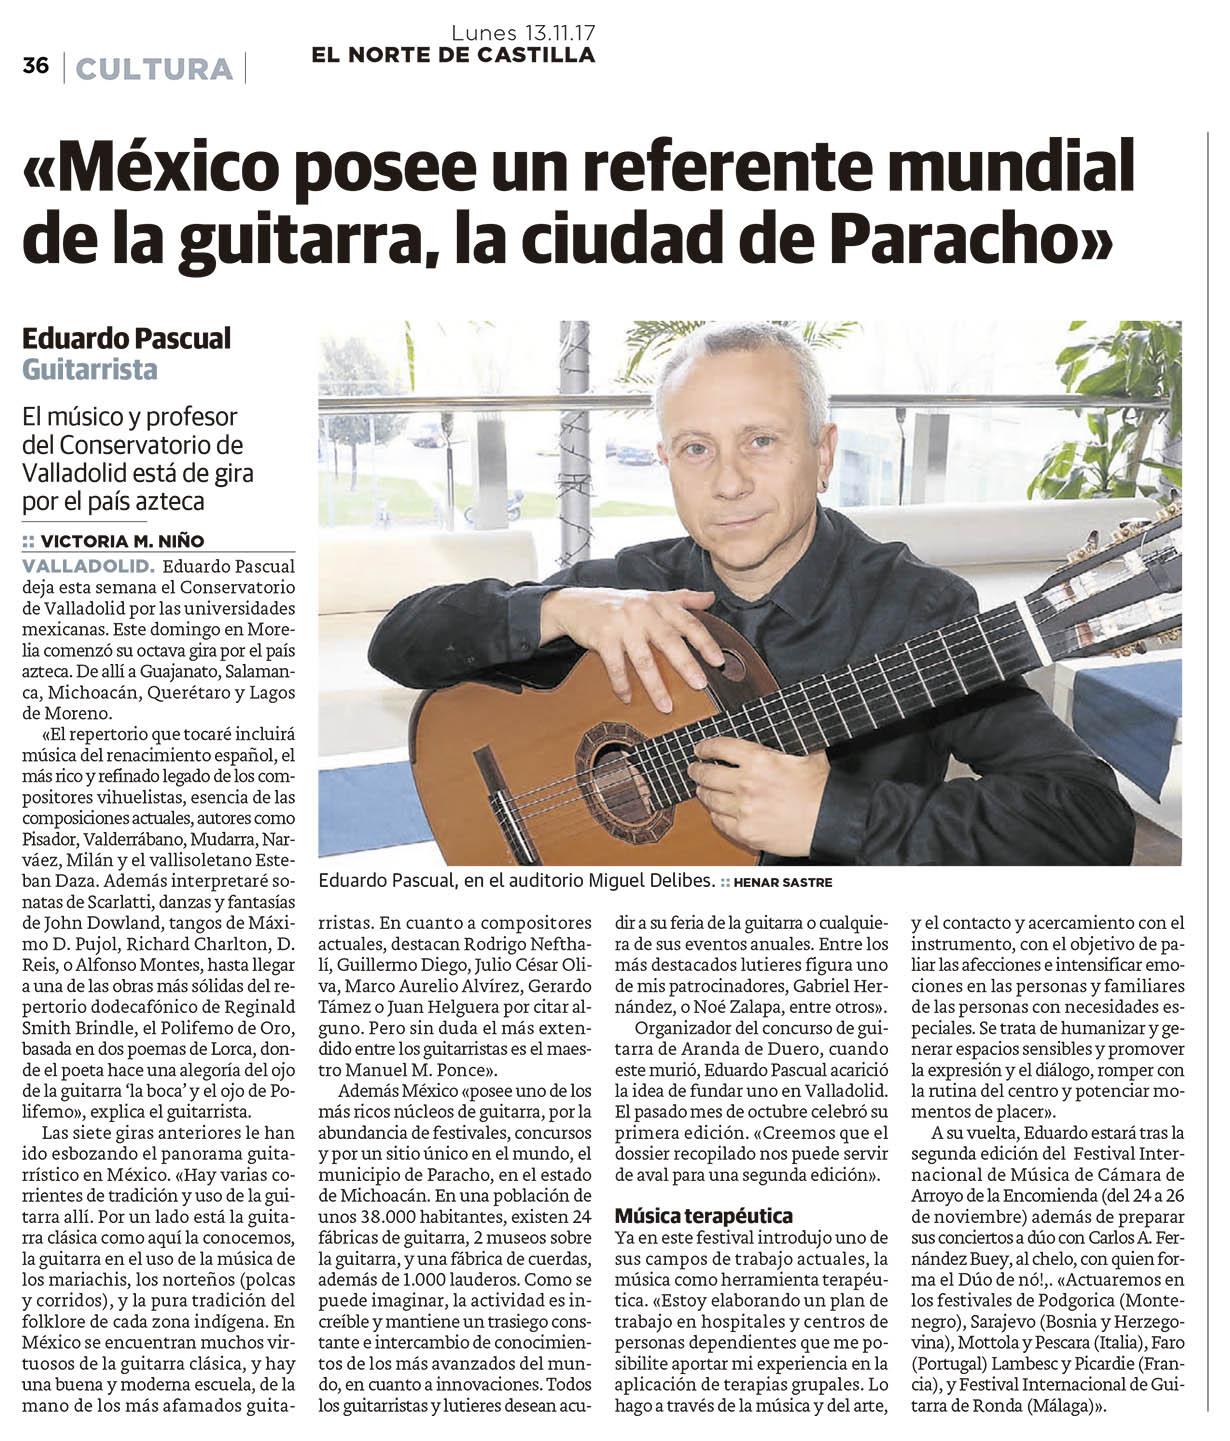 8th MEXICO TOUR CONCERTS 2017